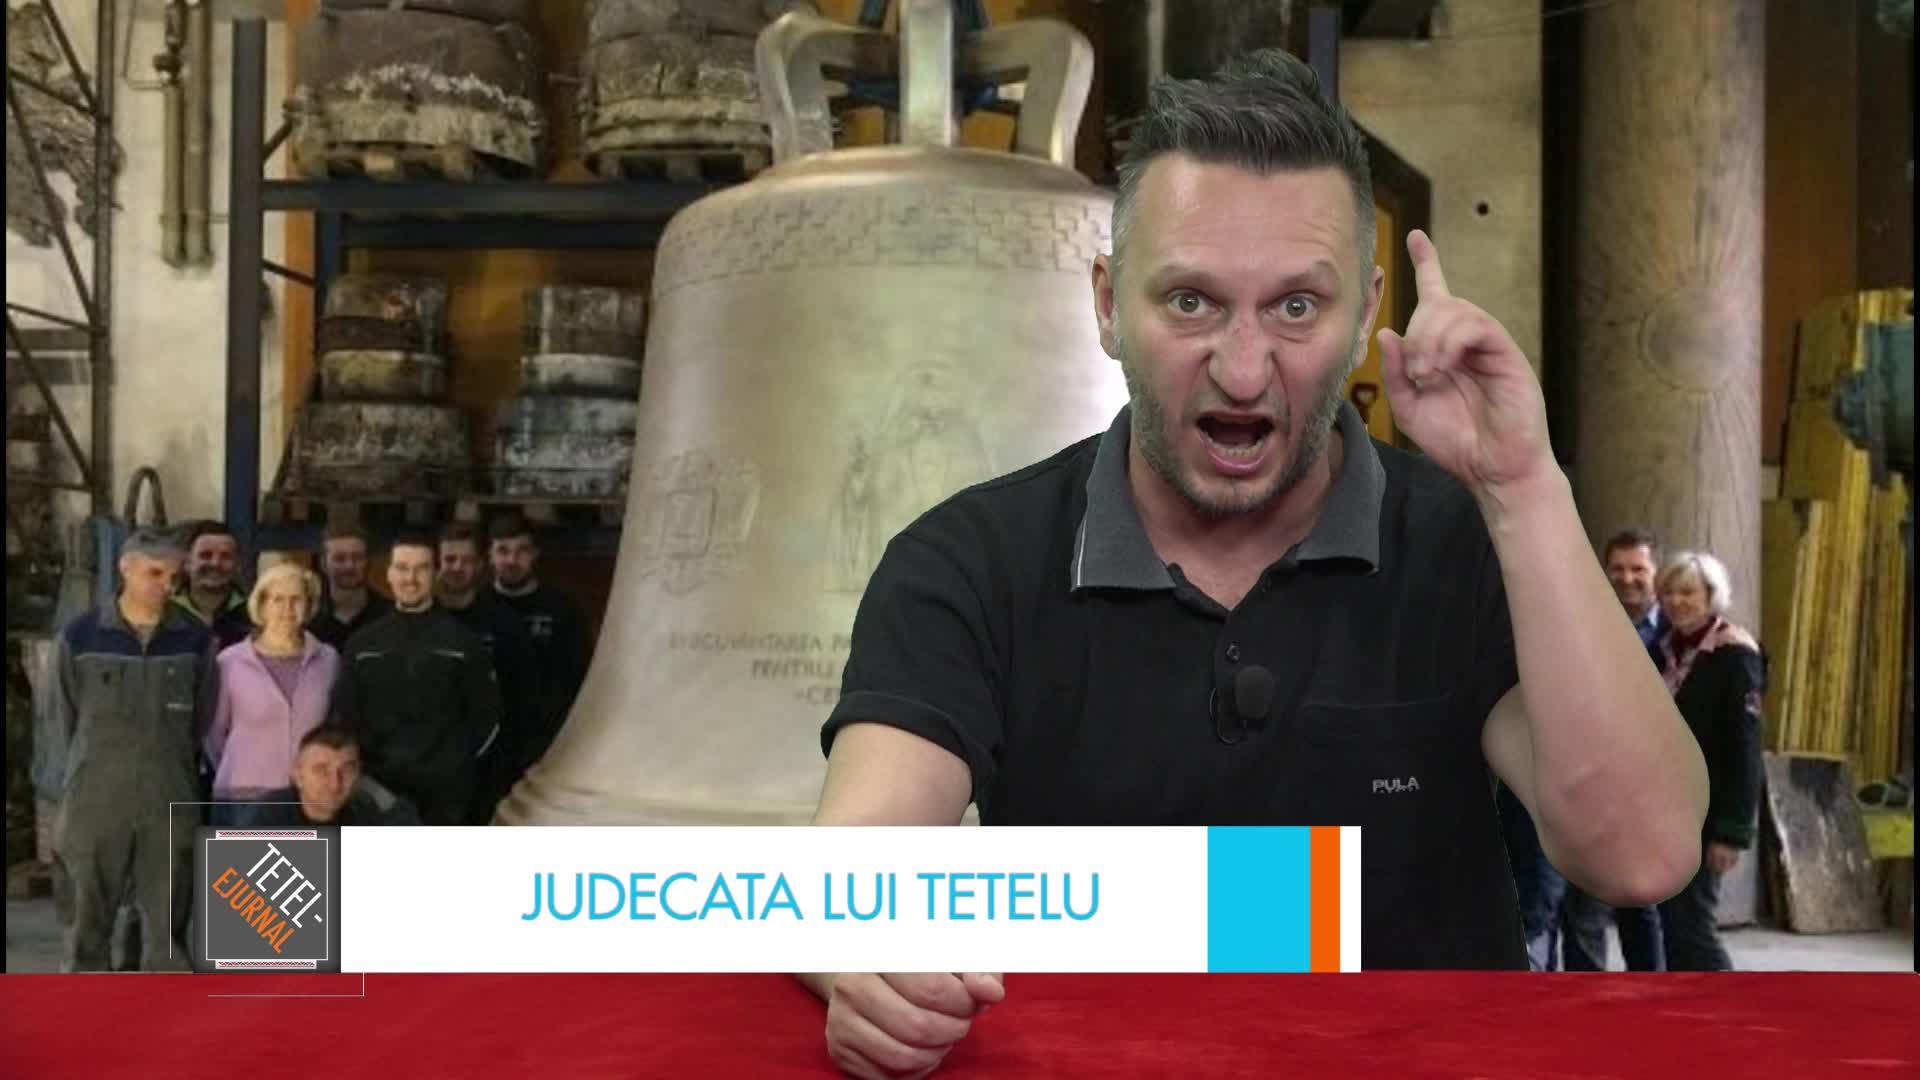 Judecata lui Tetelu: Cum te speli instant de păcate